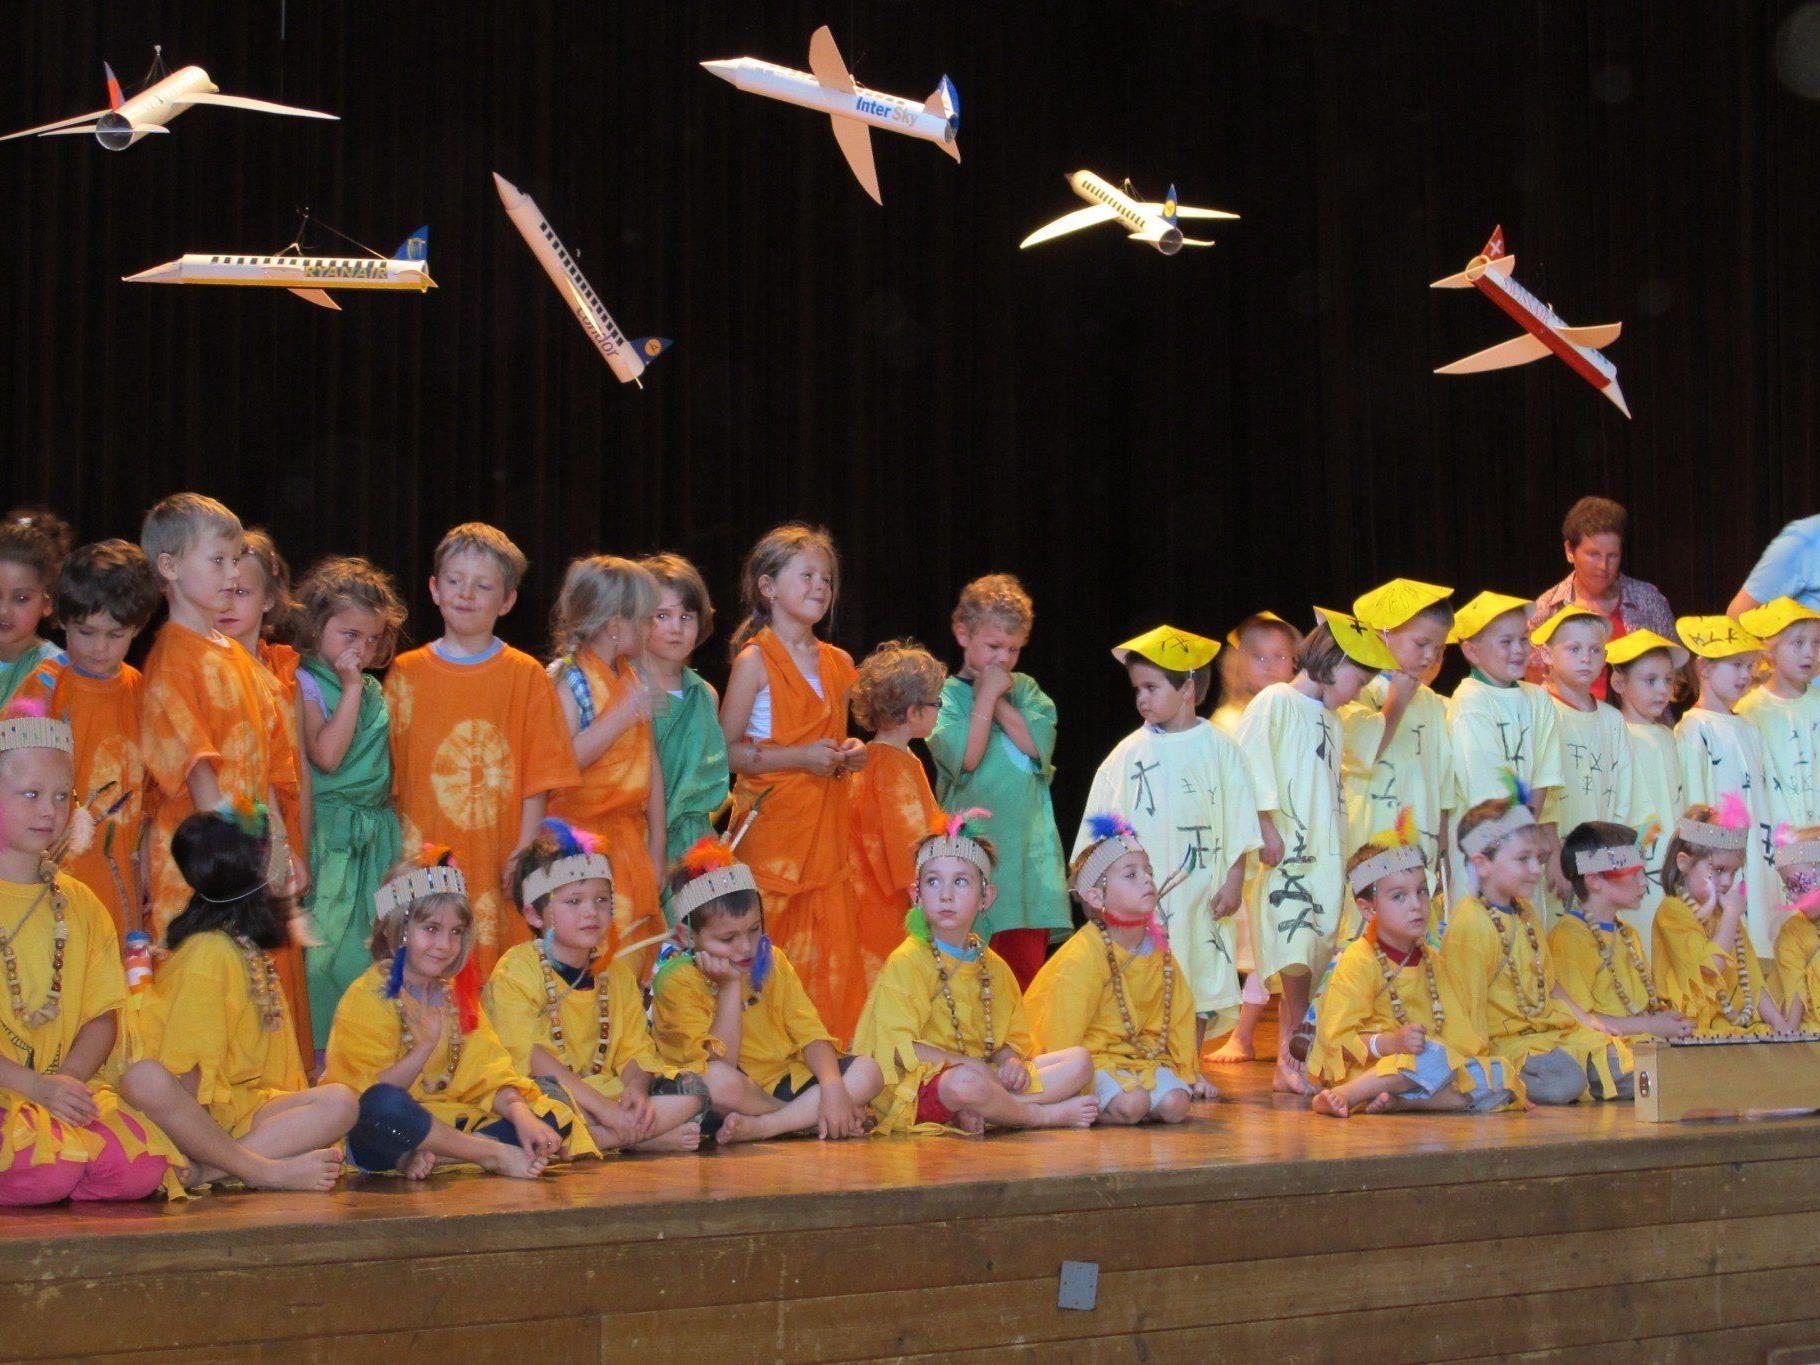 Die Kinder meisterten die Präsentation mit Bravour.